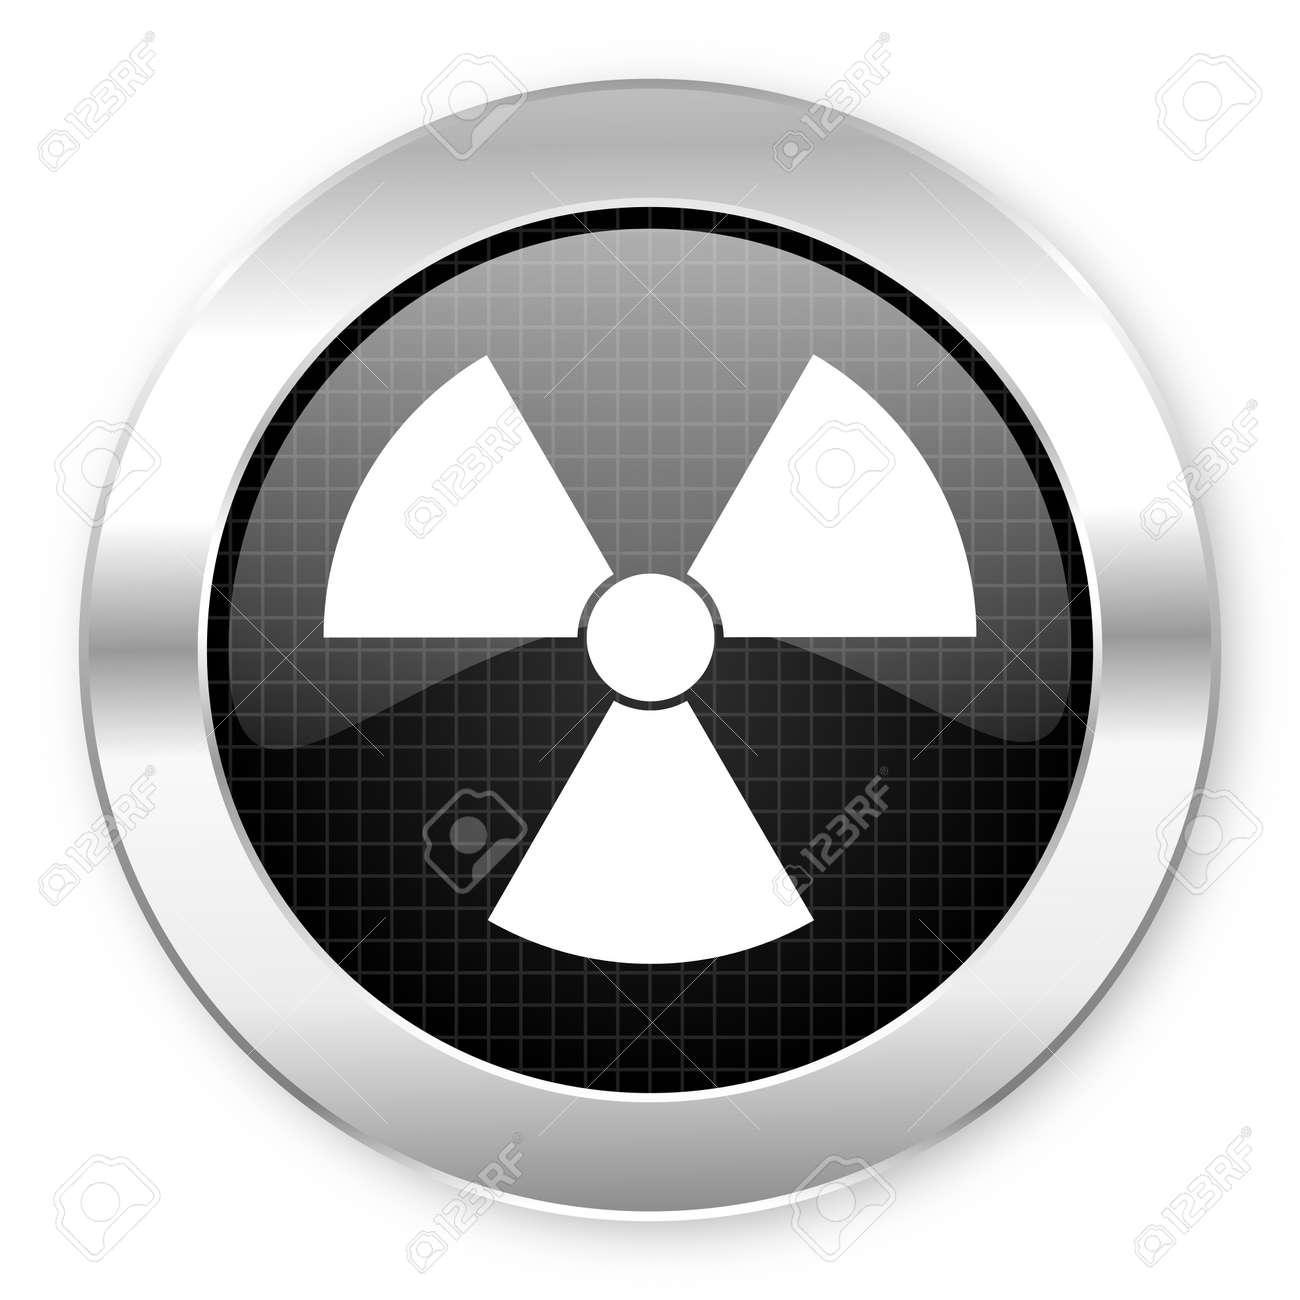 radiation icon Stock Photo - 21082550